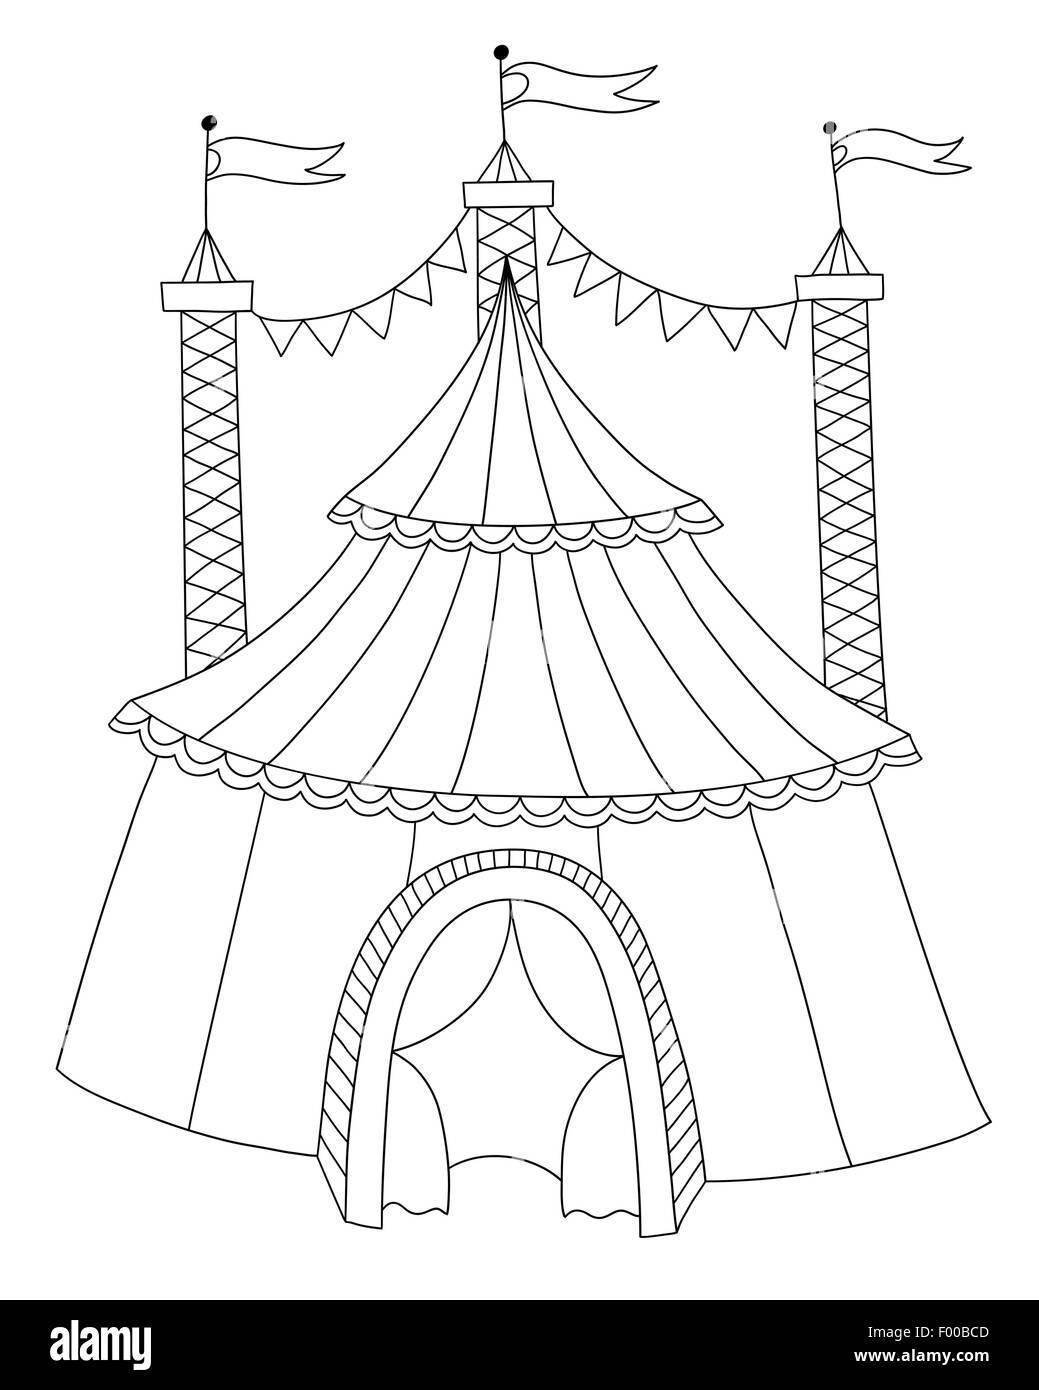 black and white line art illustration of circus tent  sc 1 st  Alamy & black and white line art illustration of circus tent Stock Vector ...